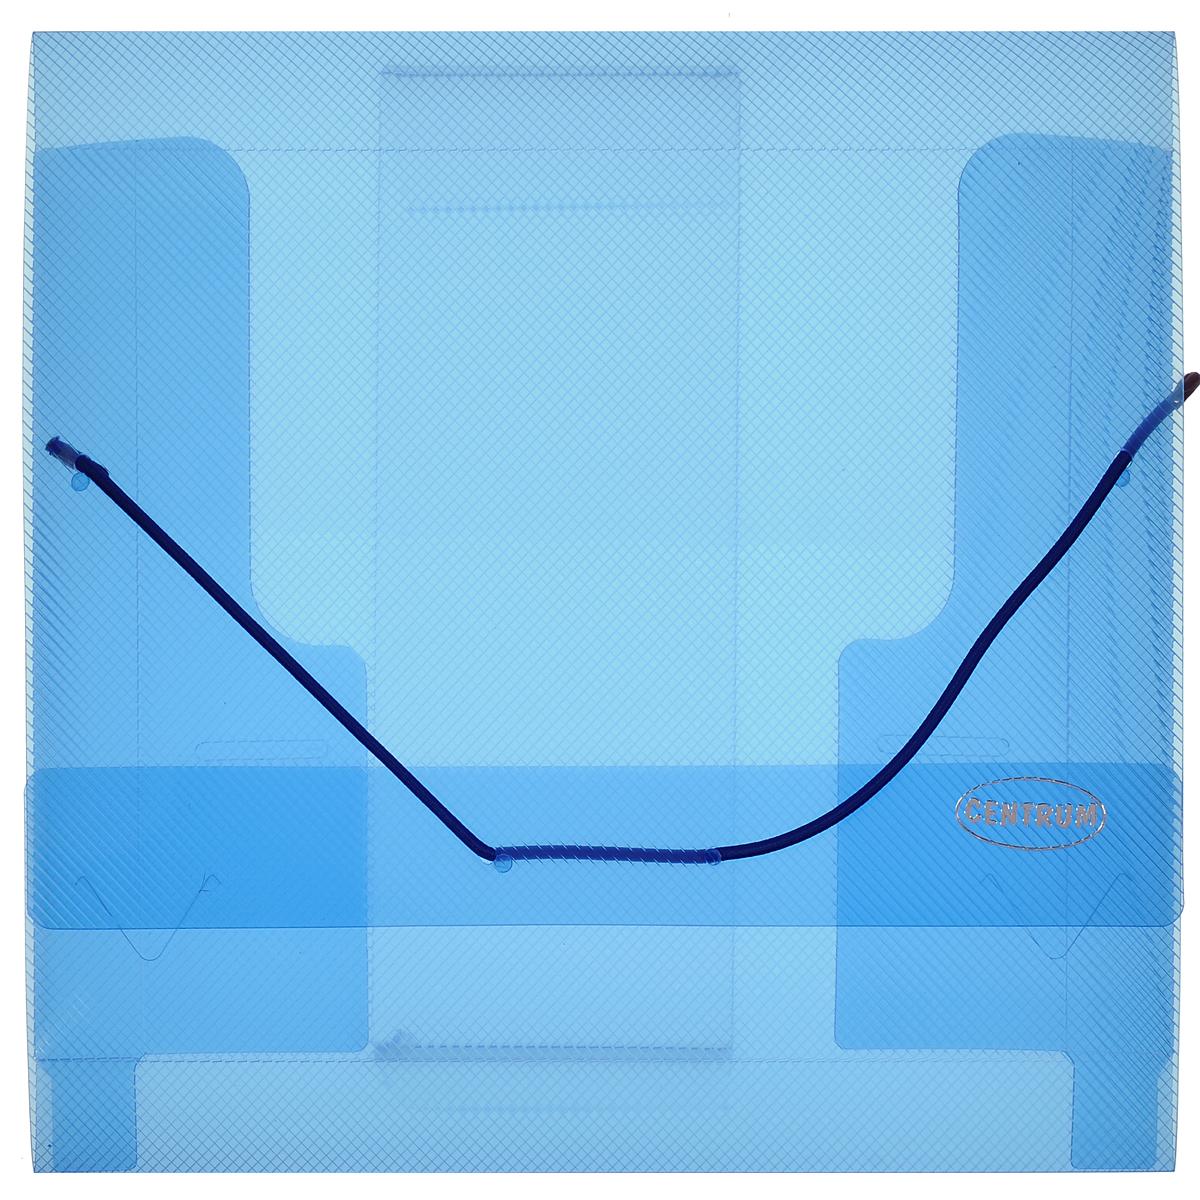 Папка-конверт Centrum, на резинке, цвет: синий. 8080080800СПапка на резинке Centrum станет вашим верным помощником дома и в офисе. Это удобный и функциональный инструмент, предназначенный для хранения и транспортировки рабочих бумаг и документов формата А5 и меньше. Папка с двойной угловой фиксацией резиновой лентой изготовлена из прочного высококачественного пластика толщиной 0,65 мм. Внутри папки расположены 3 клапана, обеспечивающие надежную фиксацию бумаг. Папка оформлена тиснением в виде параллельной штриховки. Папка - это незаменимый атрибут для любого студента, школьника или офисного работника. Такая папка надежно сохранит ваши бумаги и сбережет их от повреждений, пыли и влаги.